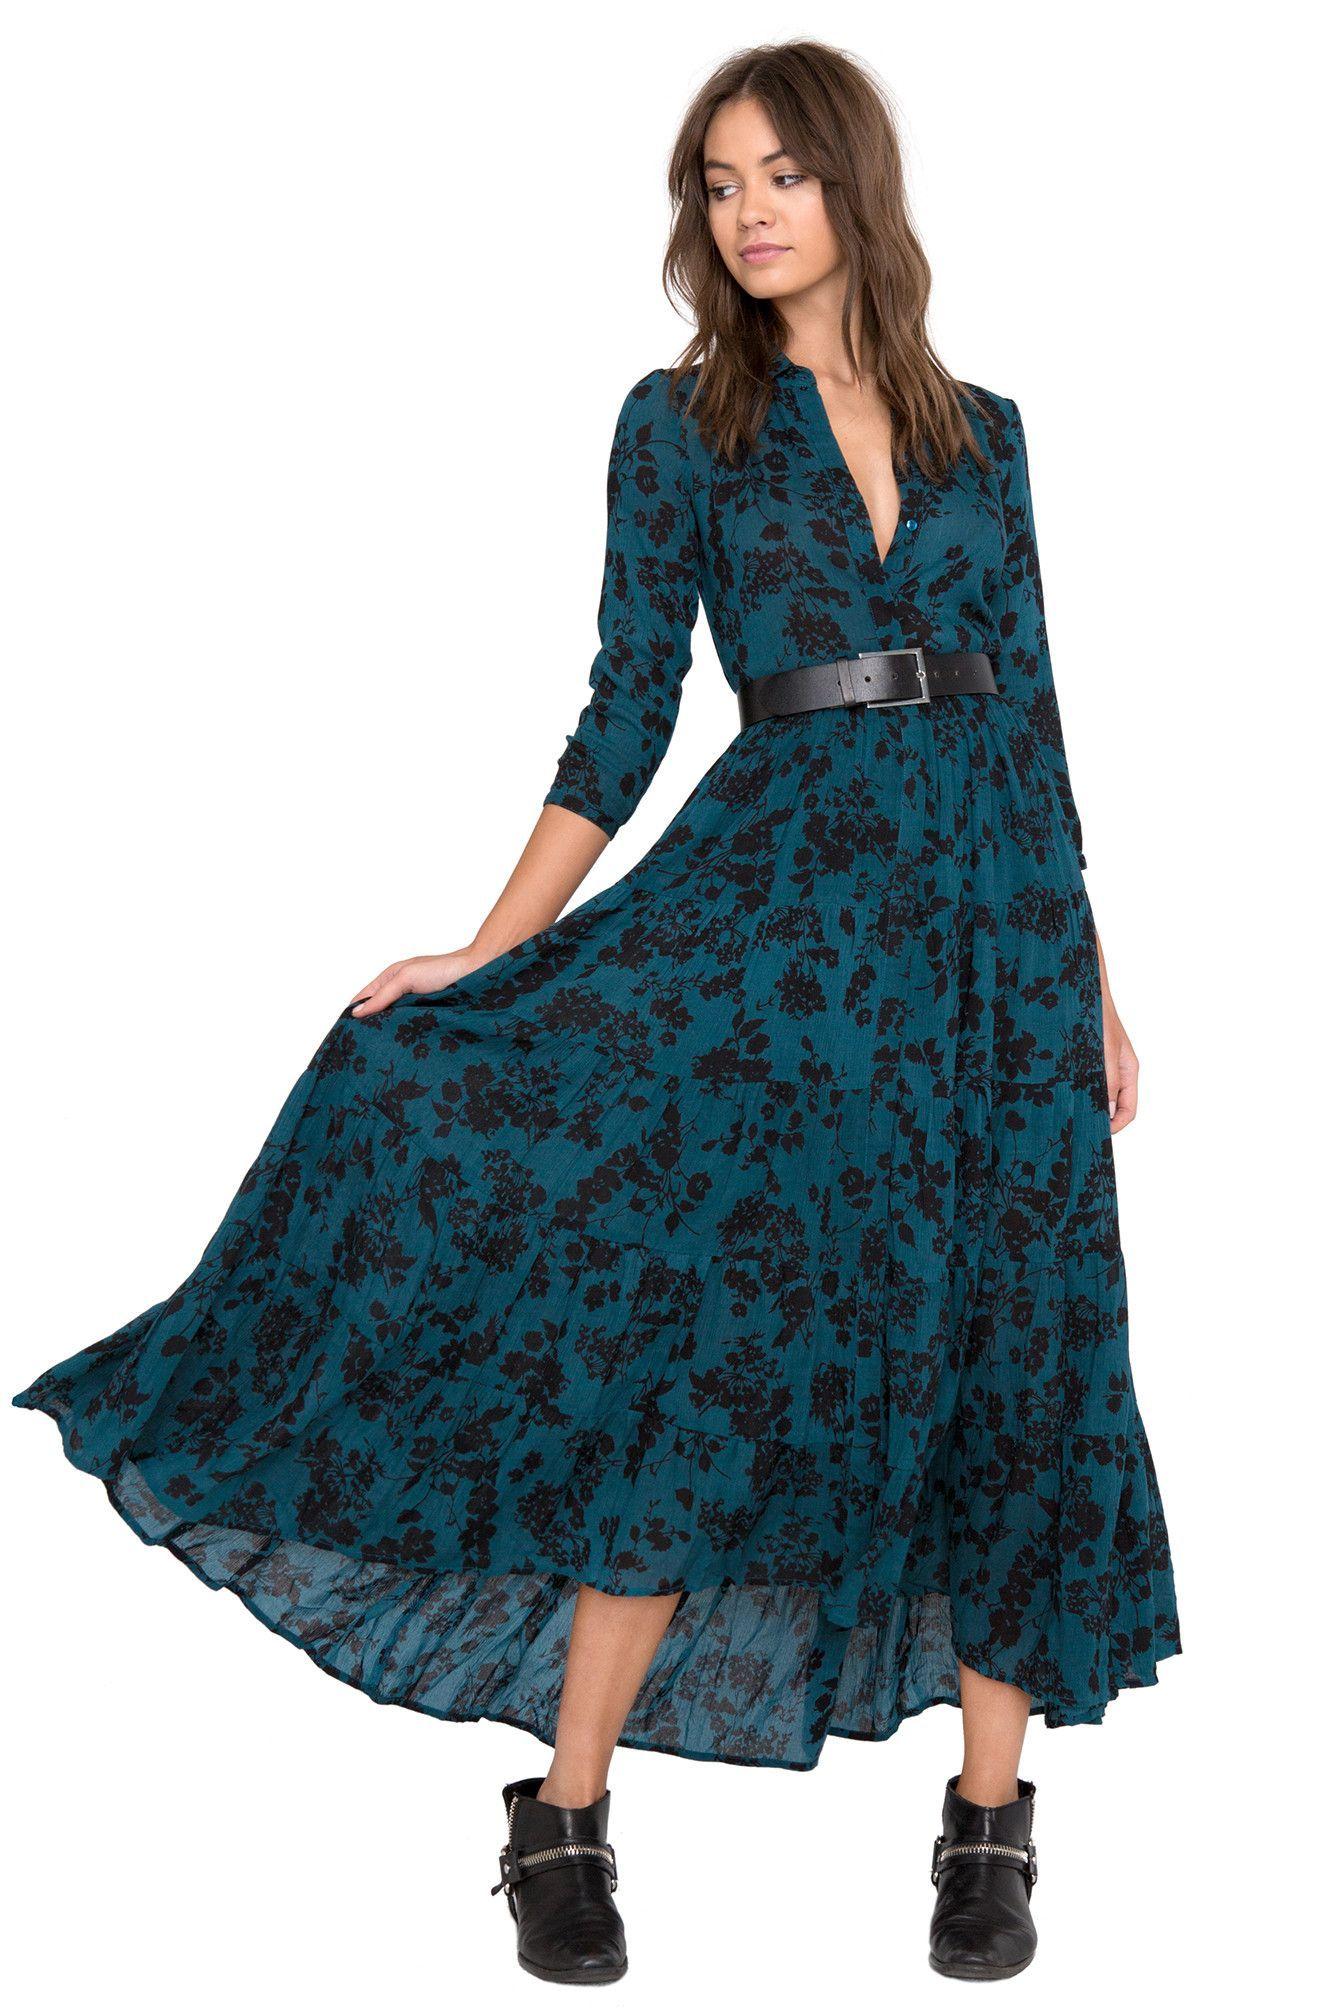 a43a0c6fda9 Weston Dress by Amuse Society  shoplunab  lunabchristmas